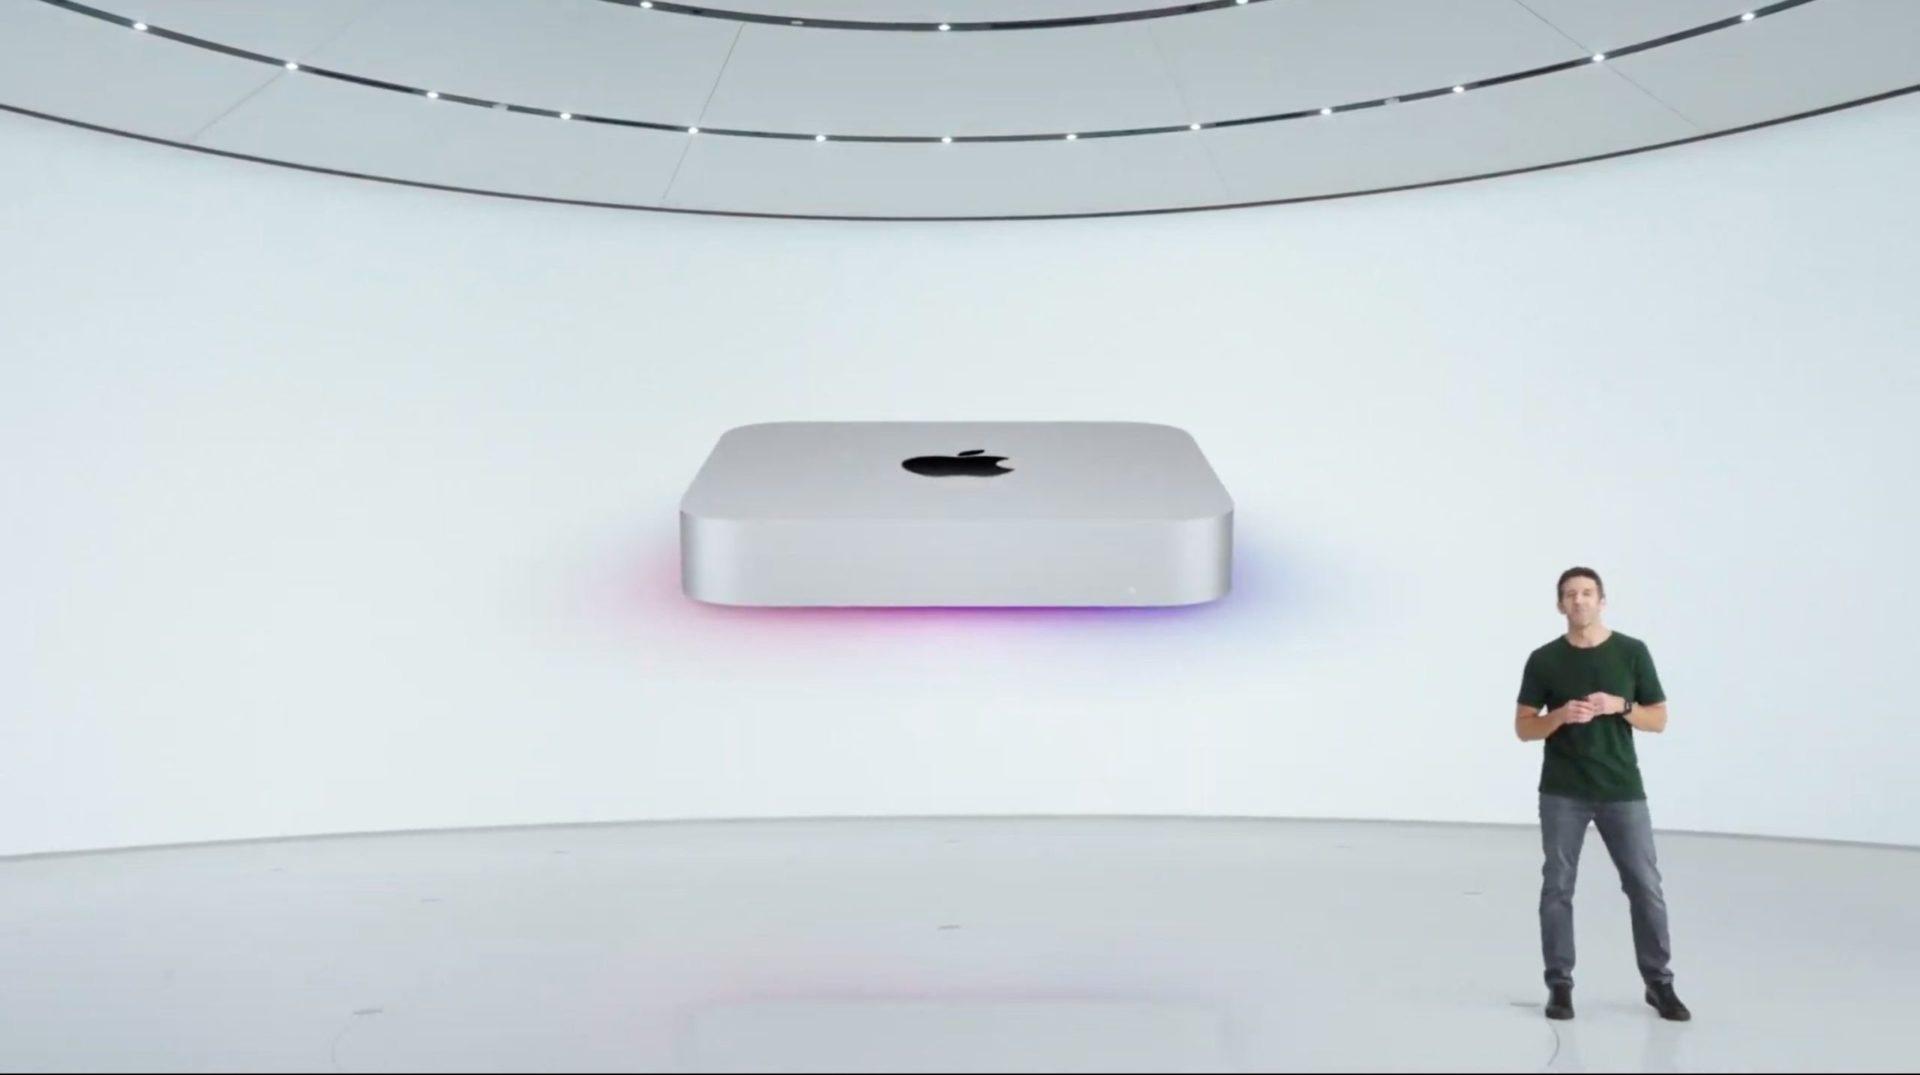 Apple's New Mac Mini desktop